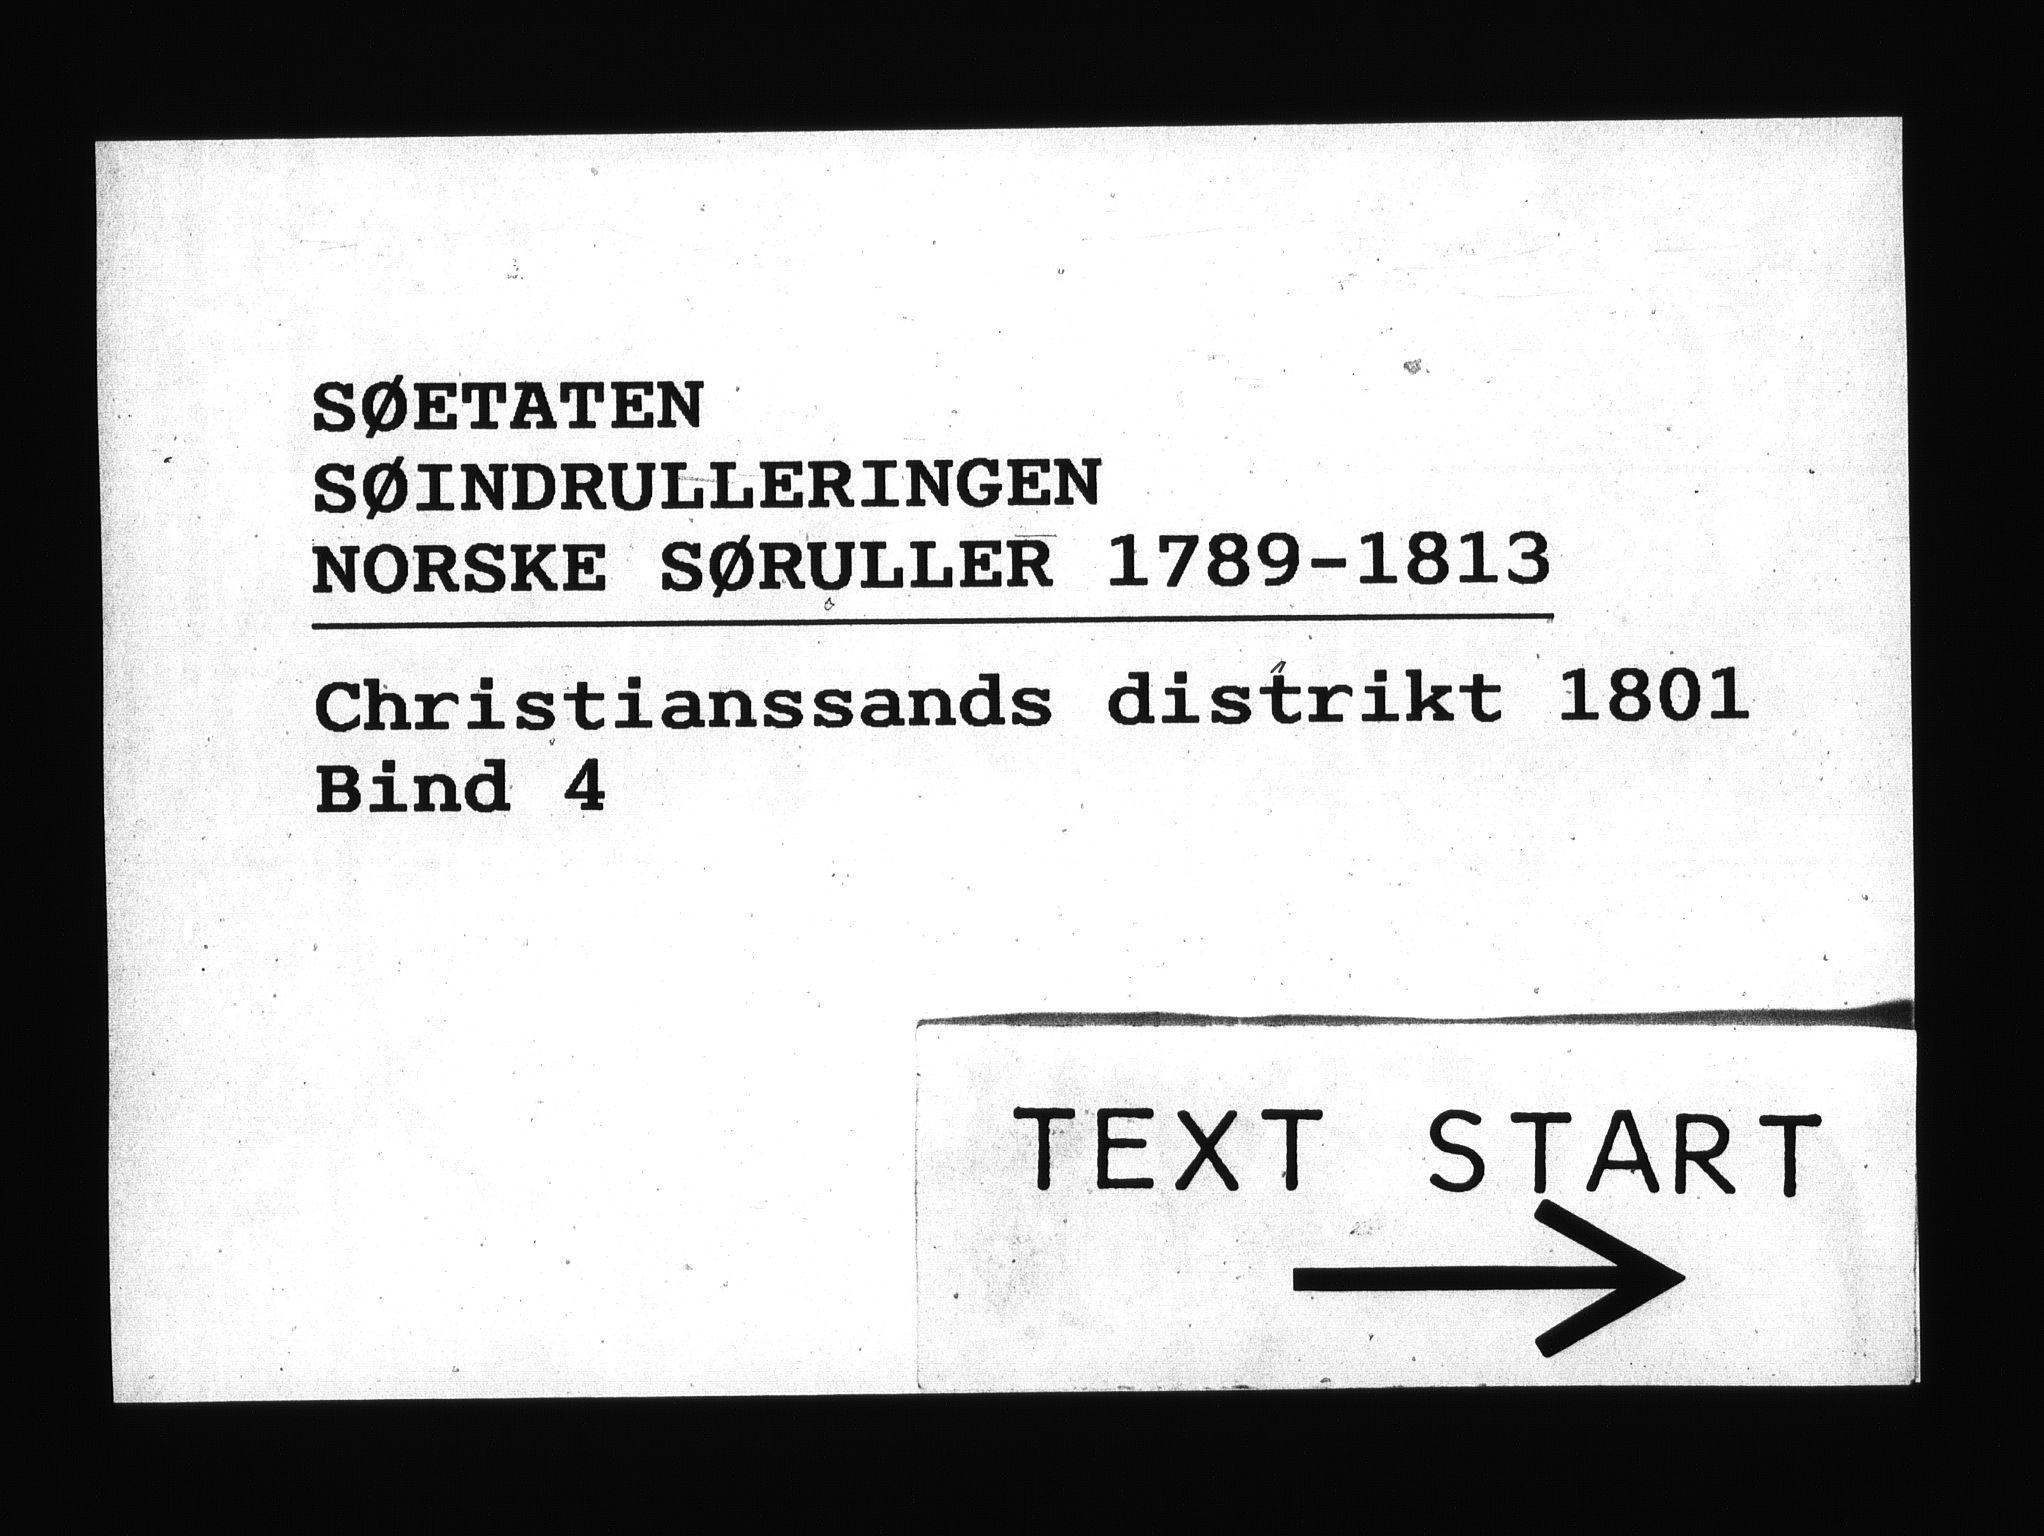 RA, Sjøetaten, F/L0045: Kristiansand distrikt, bind 4, 1801